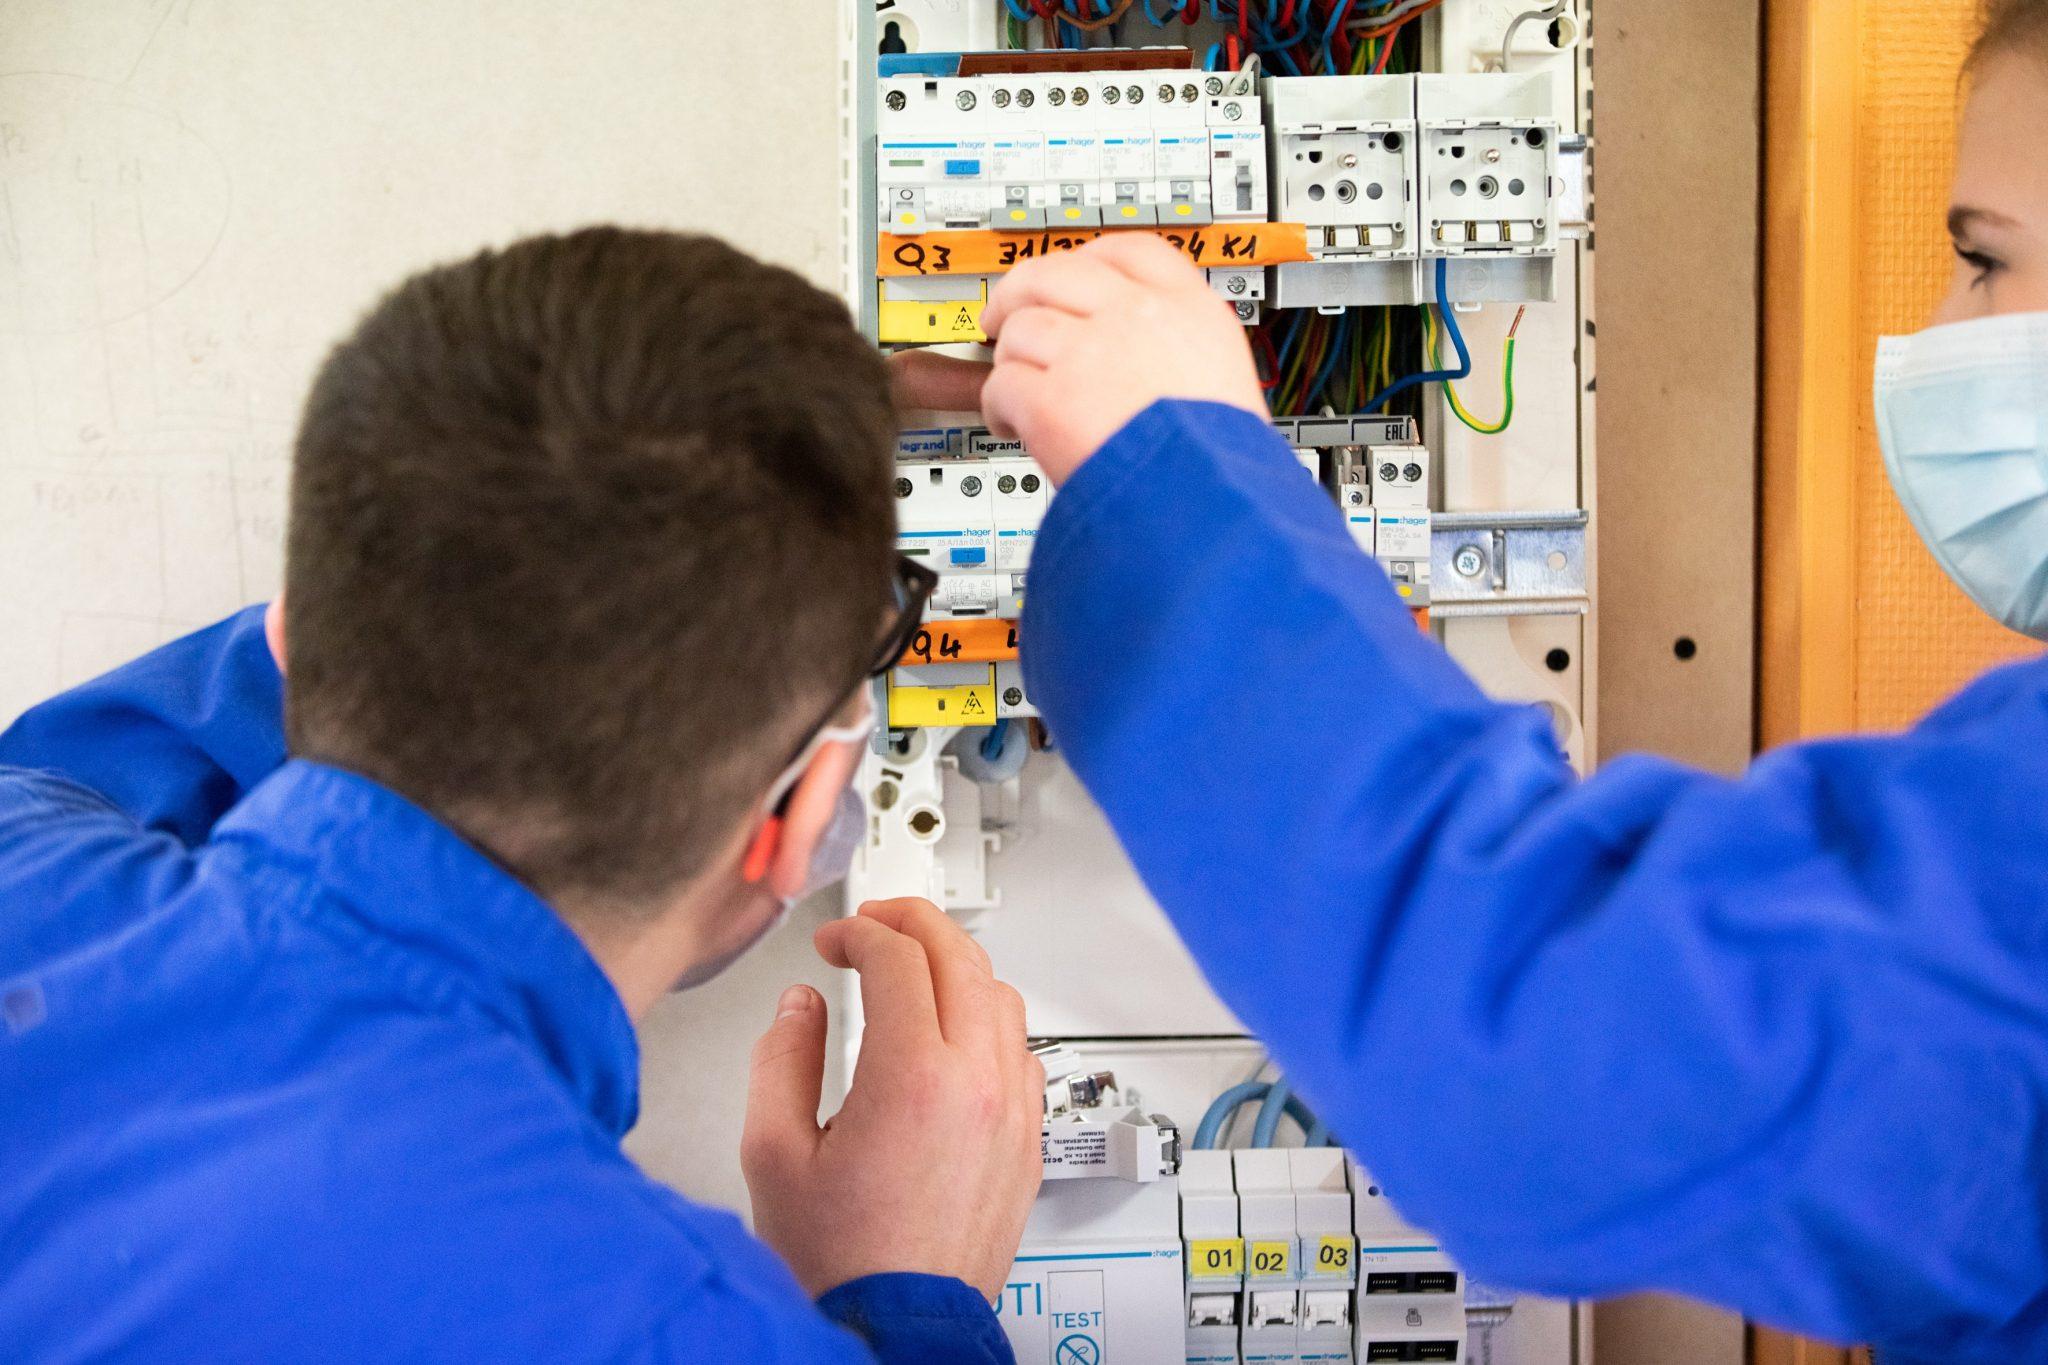 formation électricien st Michel en Bretagne à Priziac